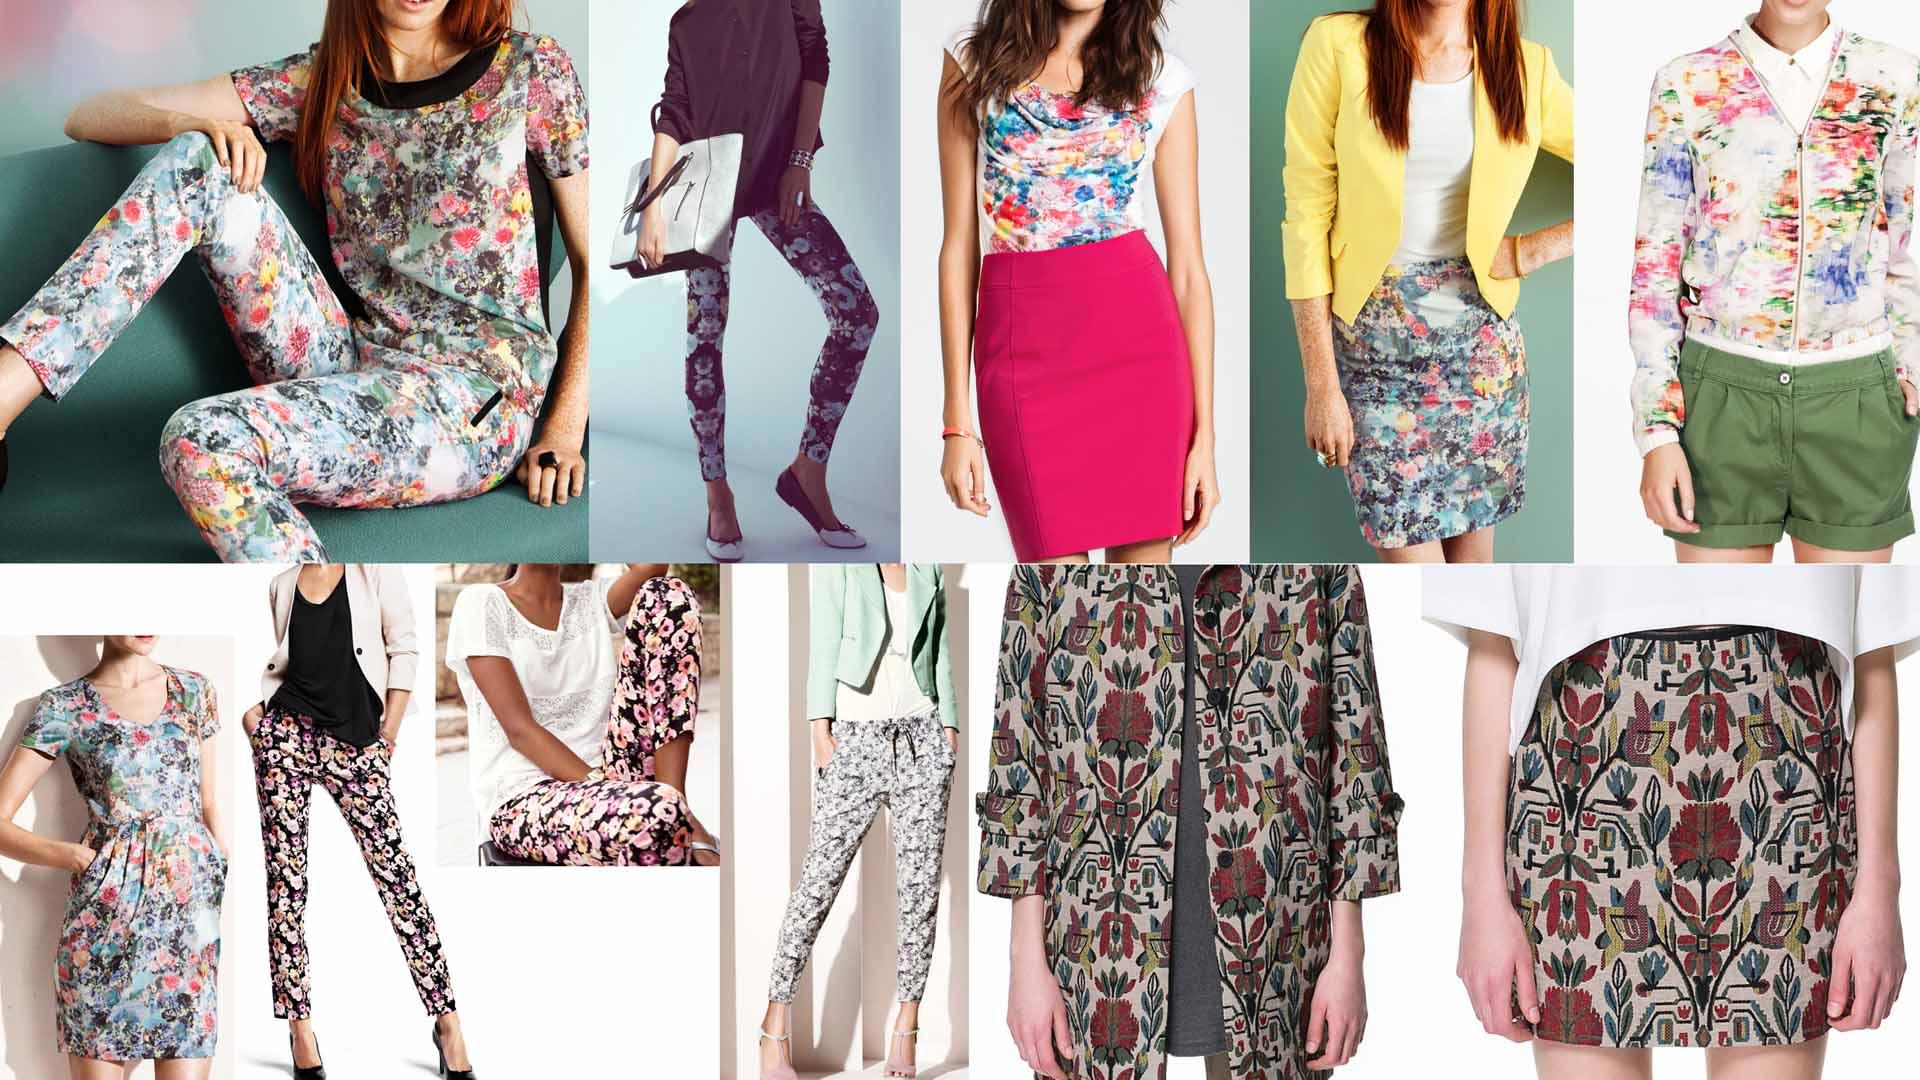 El éxito de toda mujer está sumamente relacionado con su capacidad de encontrar el outfit perfecto para cada ocasión